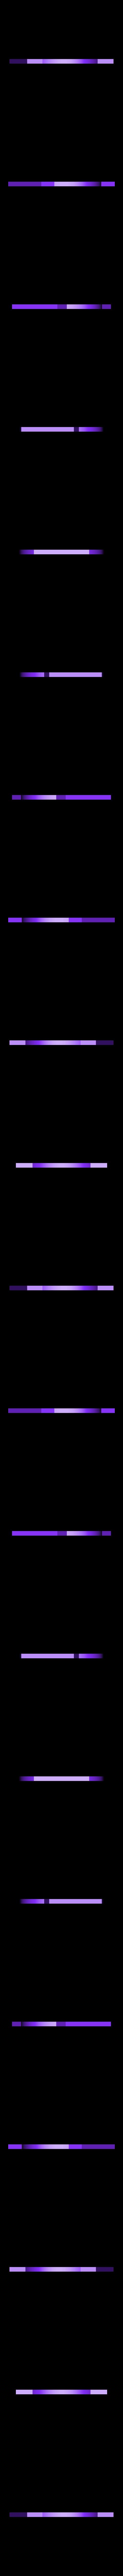 LBLUC_foot_mountingPiece_mama_v6.stl Télécharger fichier STL gratuit Led lampe de pont Segment Universel • Objet imprimable en 3D, Opossums